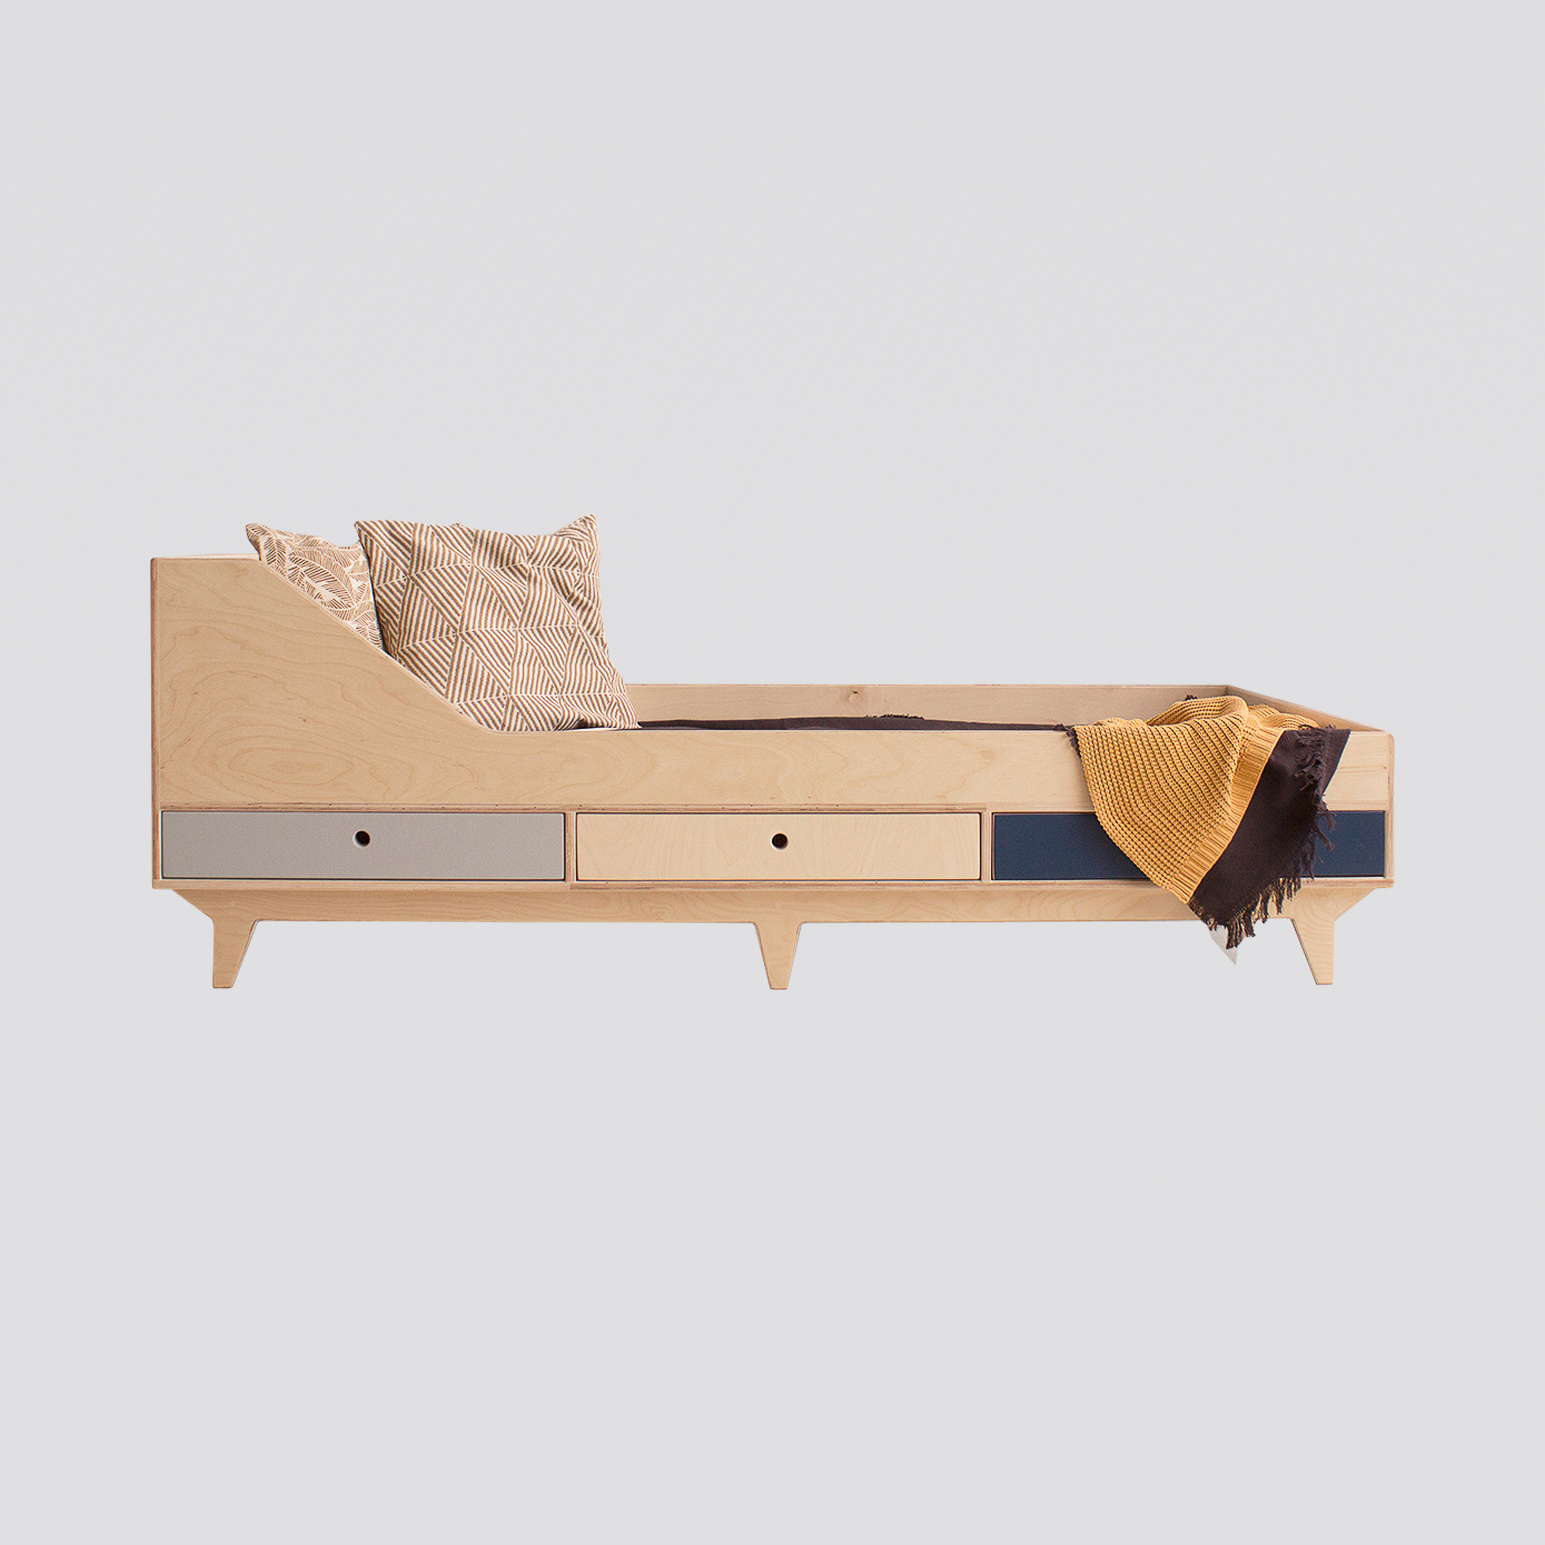 Zdjęcie produktu MUN.2 - łóżko